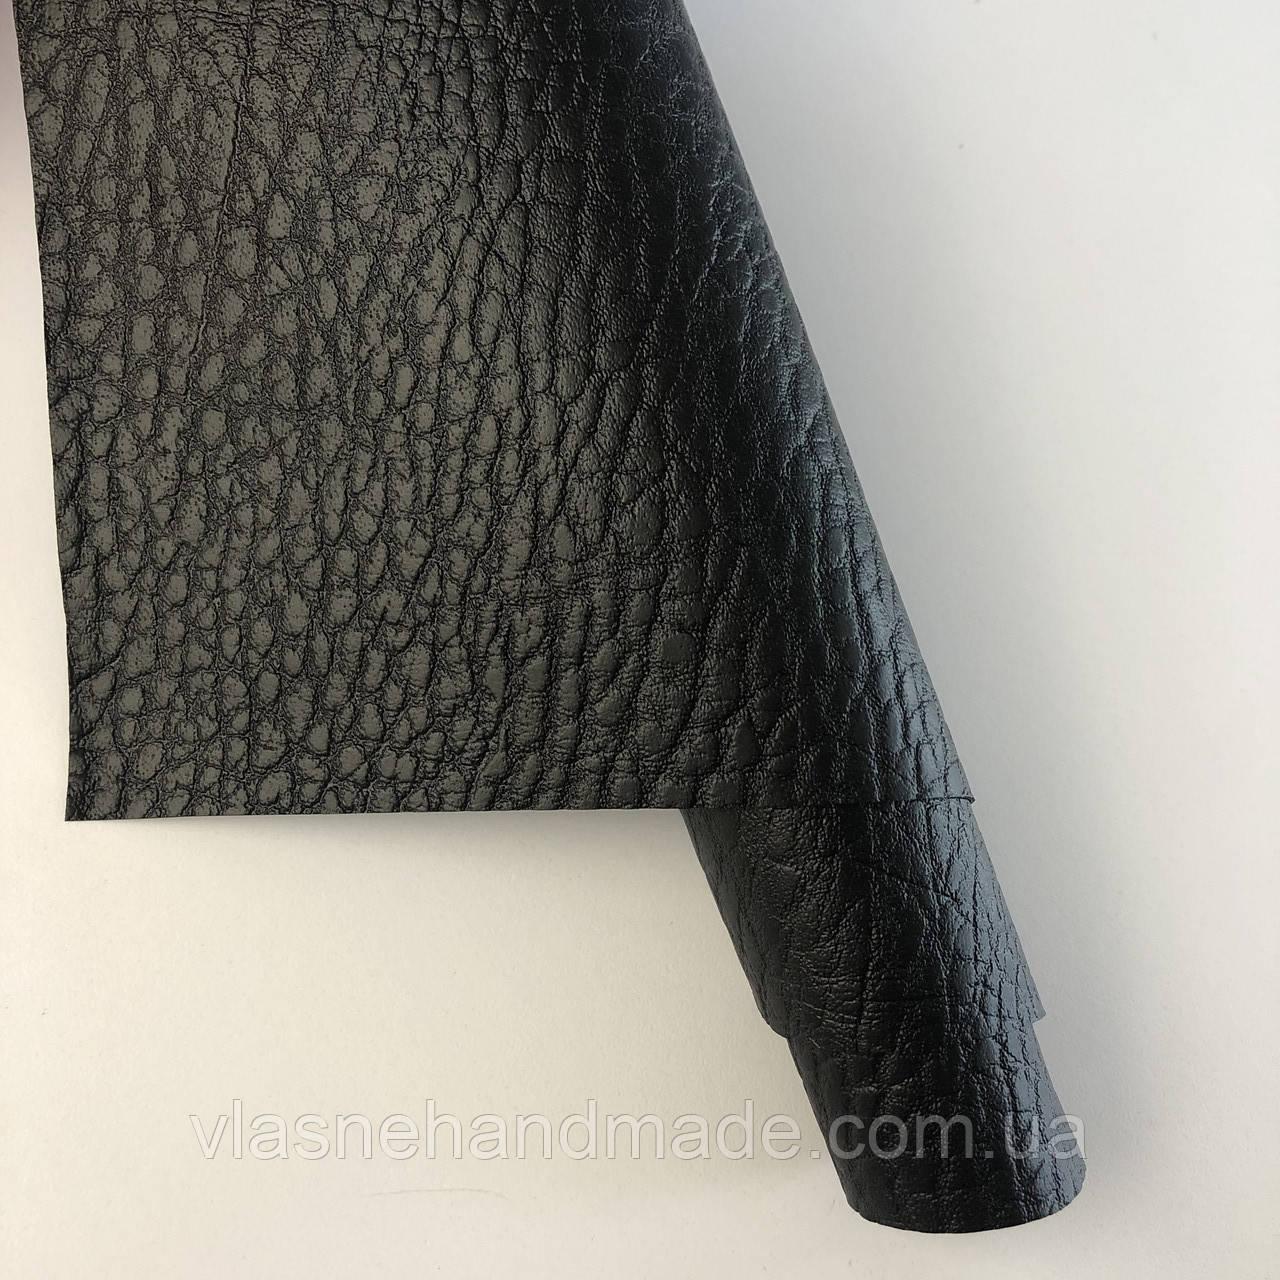 Шкірзамінник палітурний з фактурою - чорний VH243 - виробник Італія - 25х35 см